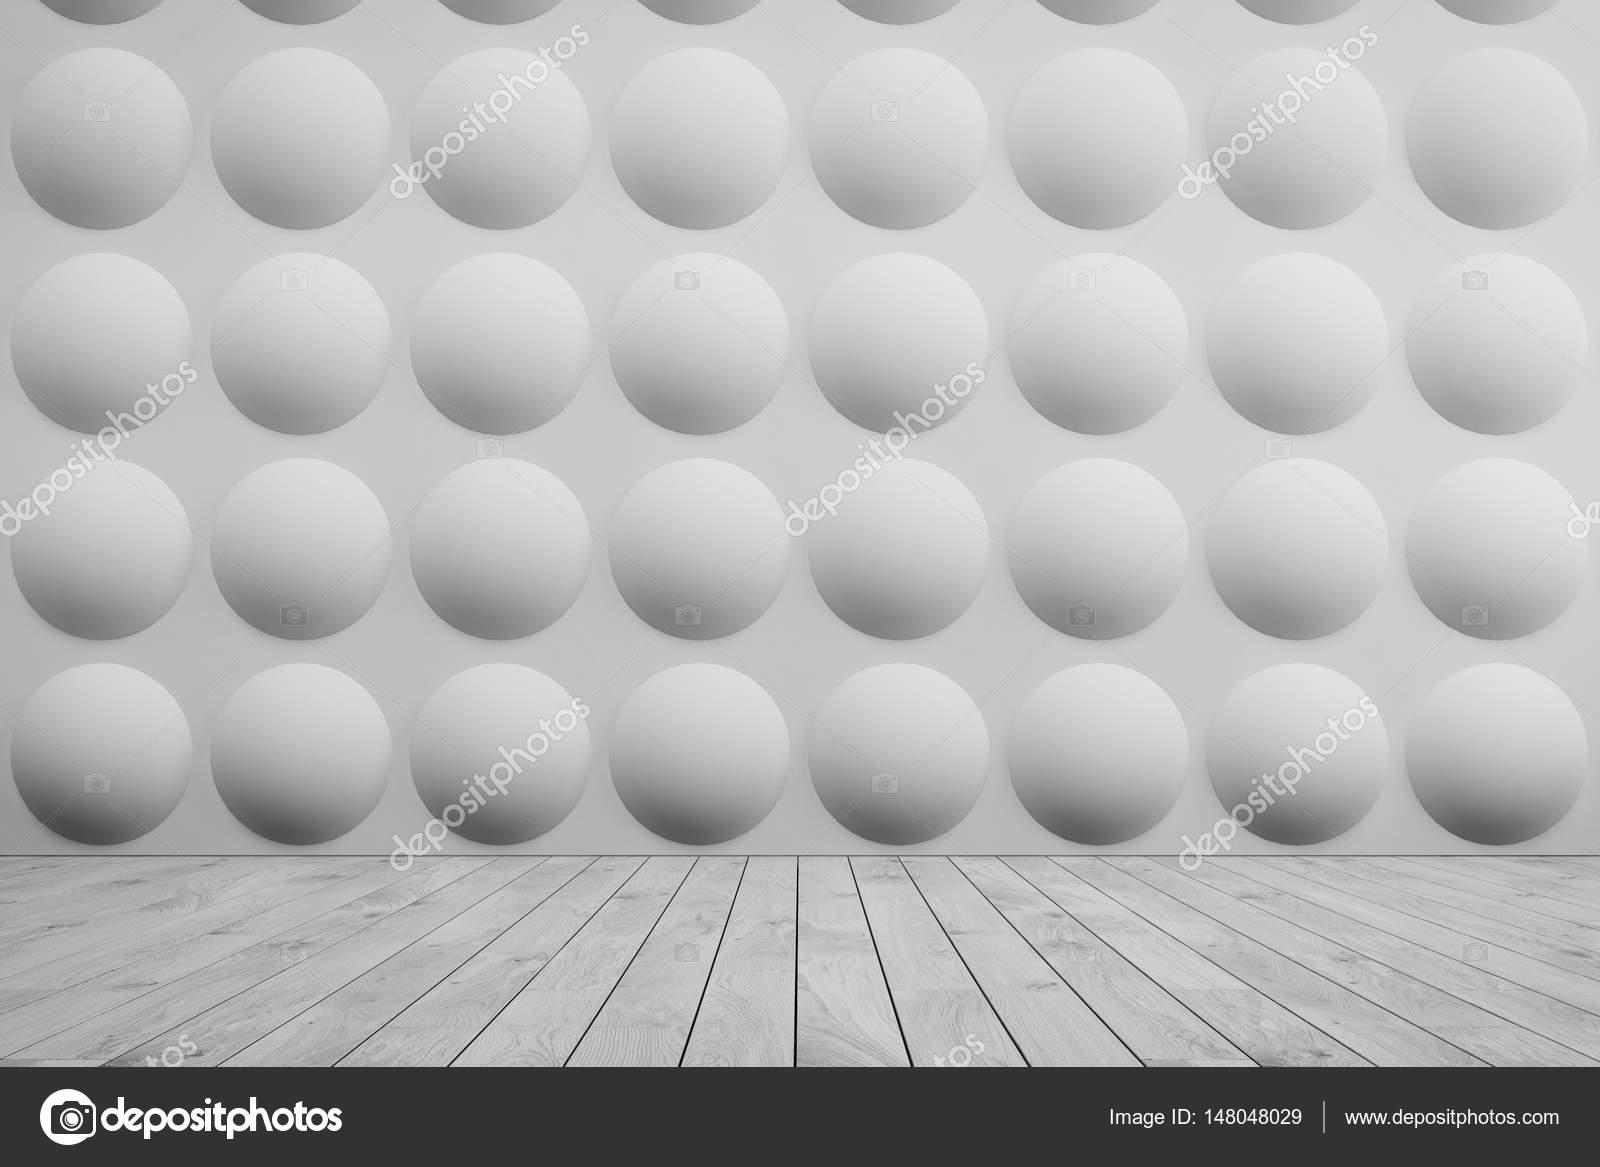 Leeren Raum Innenraum Mit Weißen Wänden Mit Einer Blase Muster Auf Sie Und  Einen Grauen Holzboden. Konzept Für Eine Komfortable Und Ein Neues Zuhause.